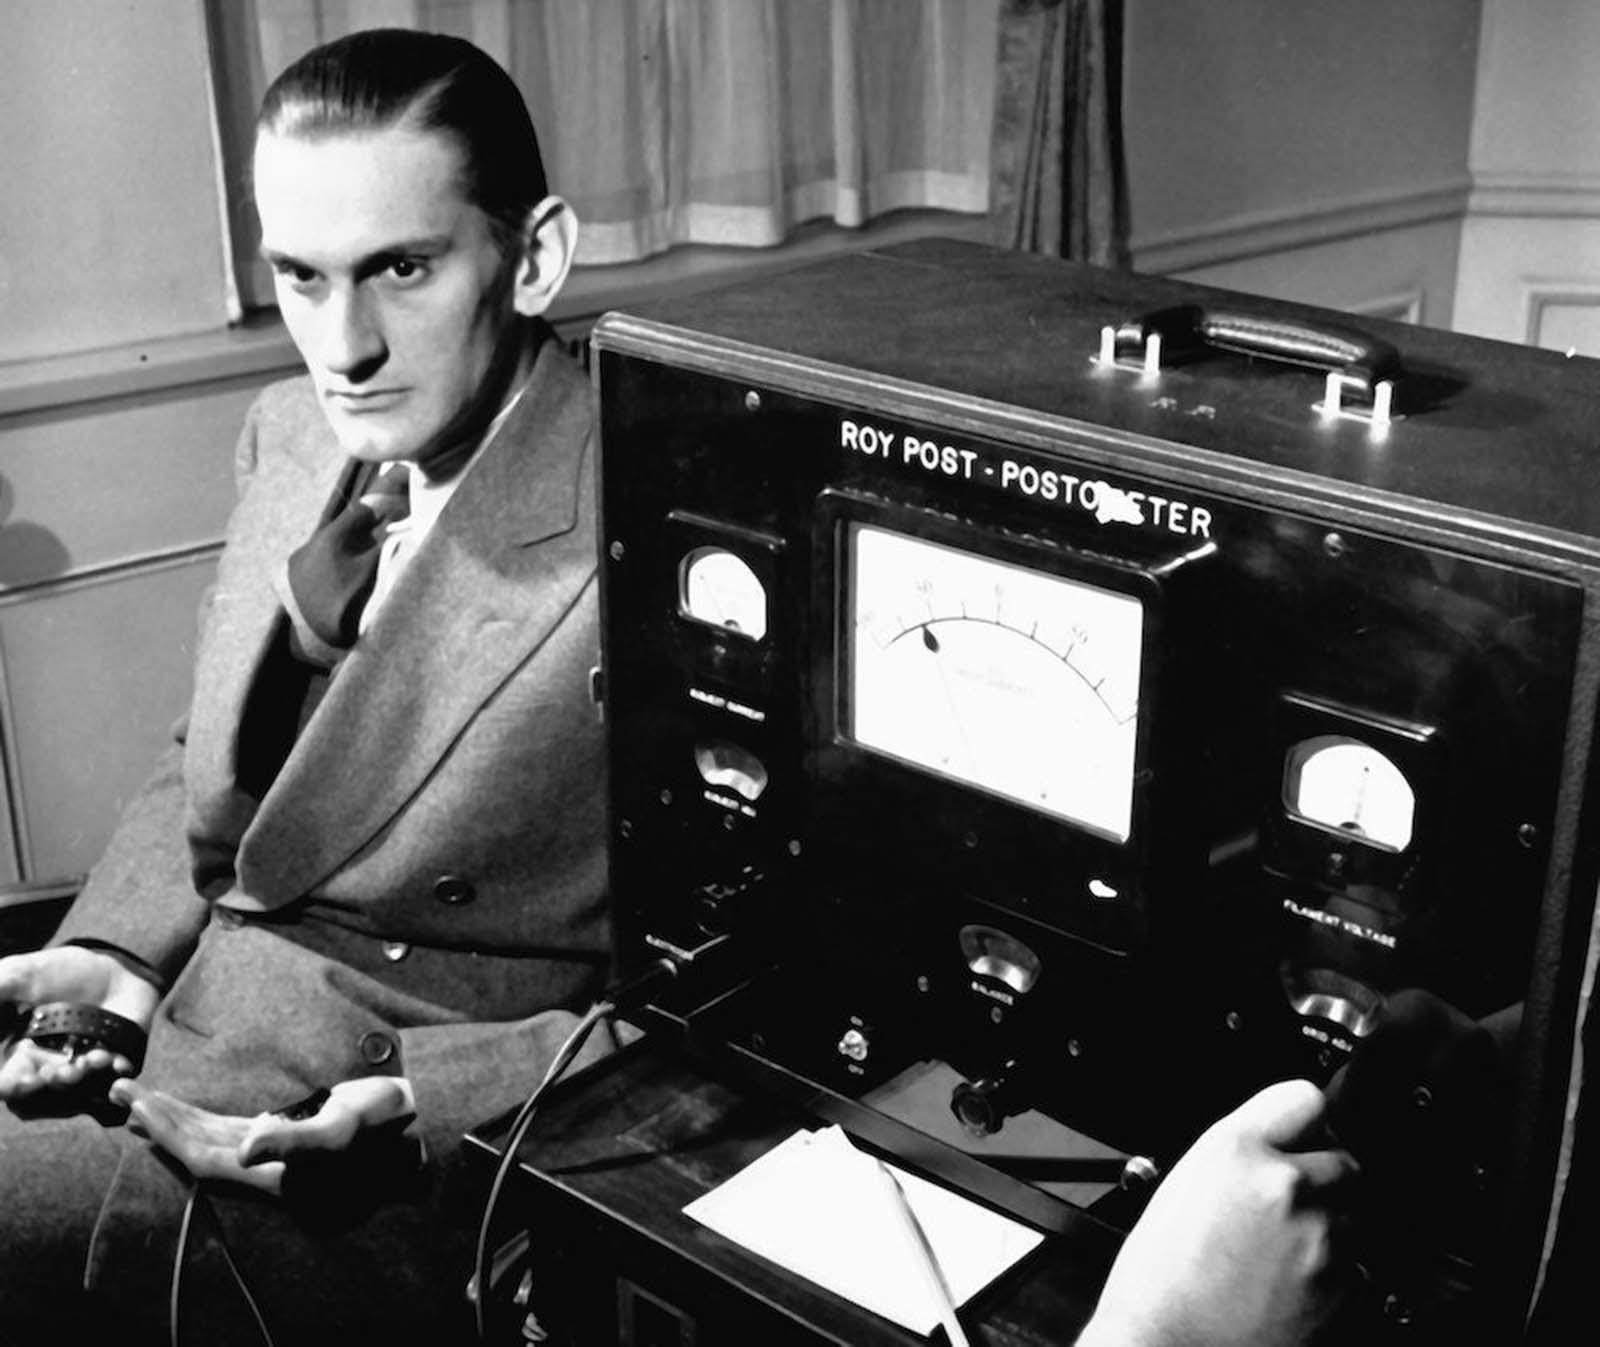 Un detector de mentiras para el poder de los besos, 1939